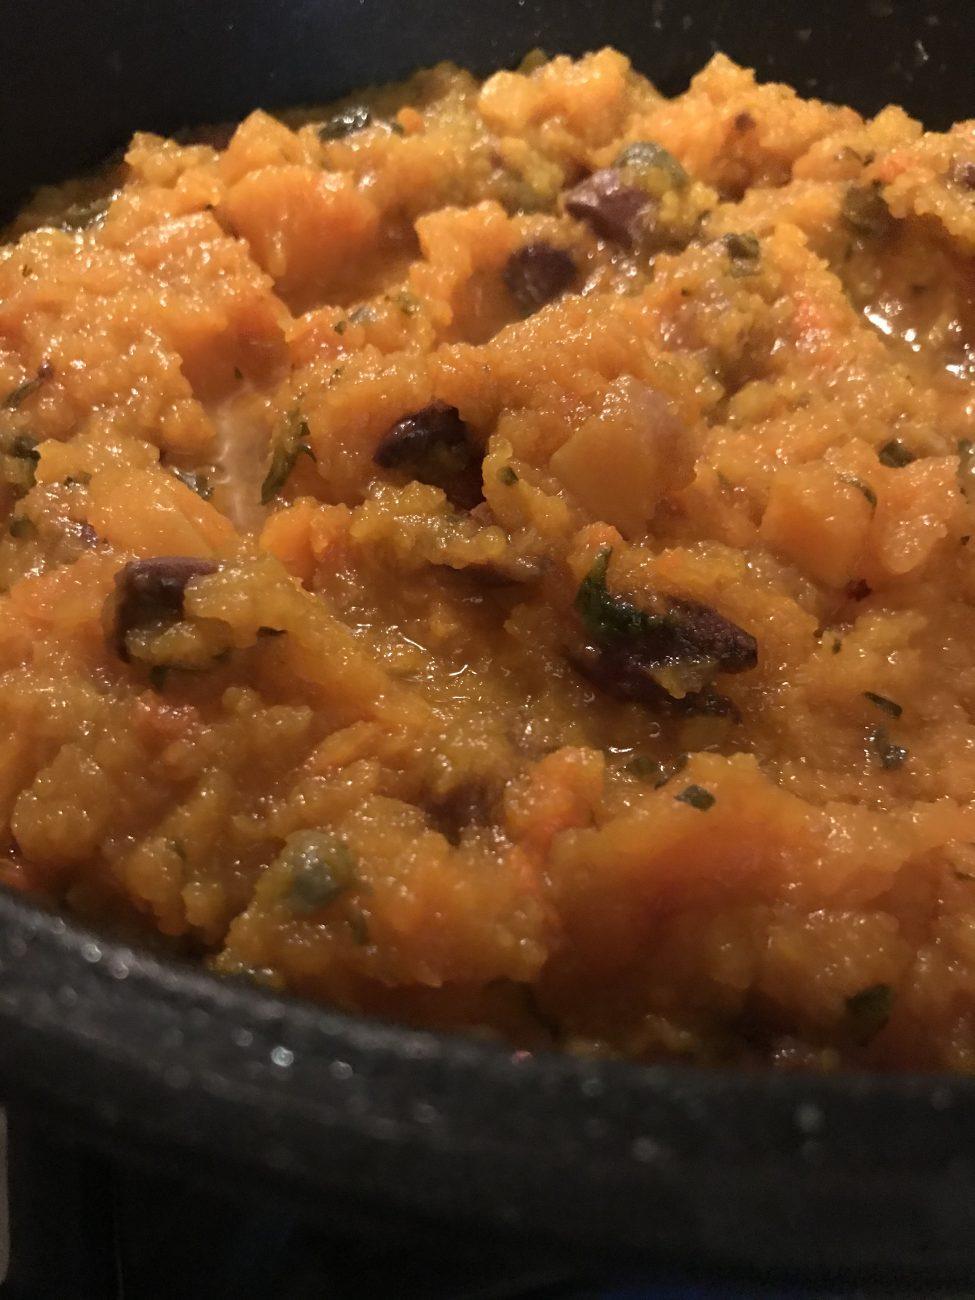 Zuppa contadina alla zucca con olive e capperi